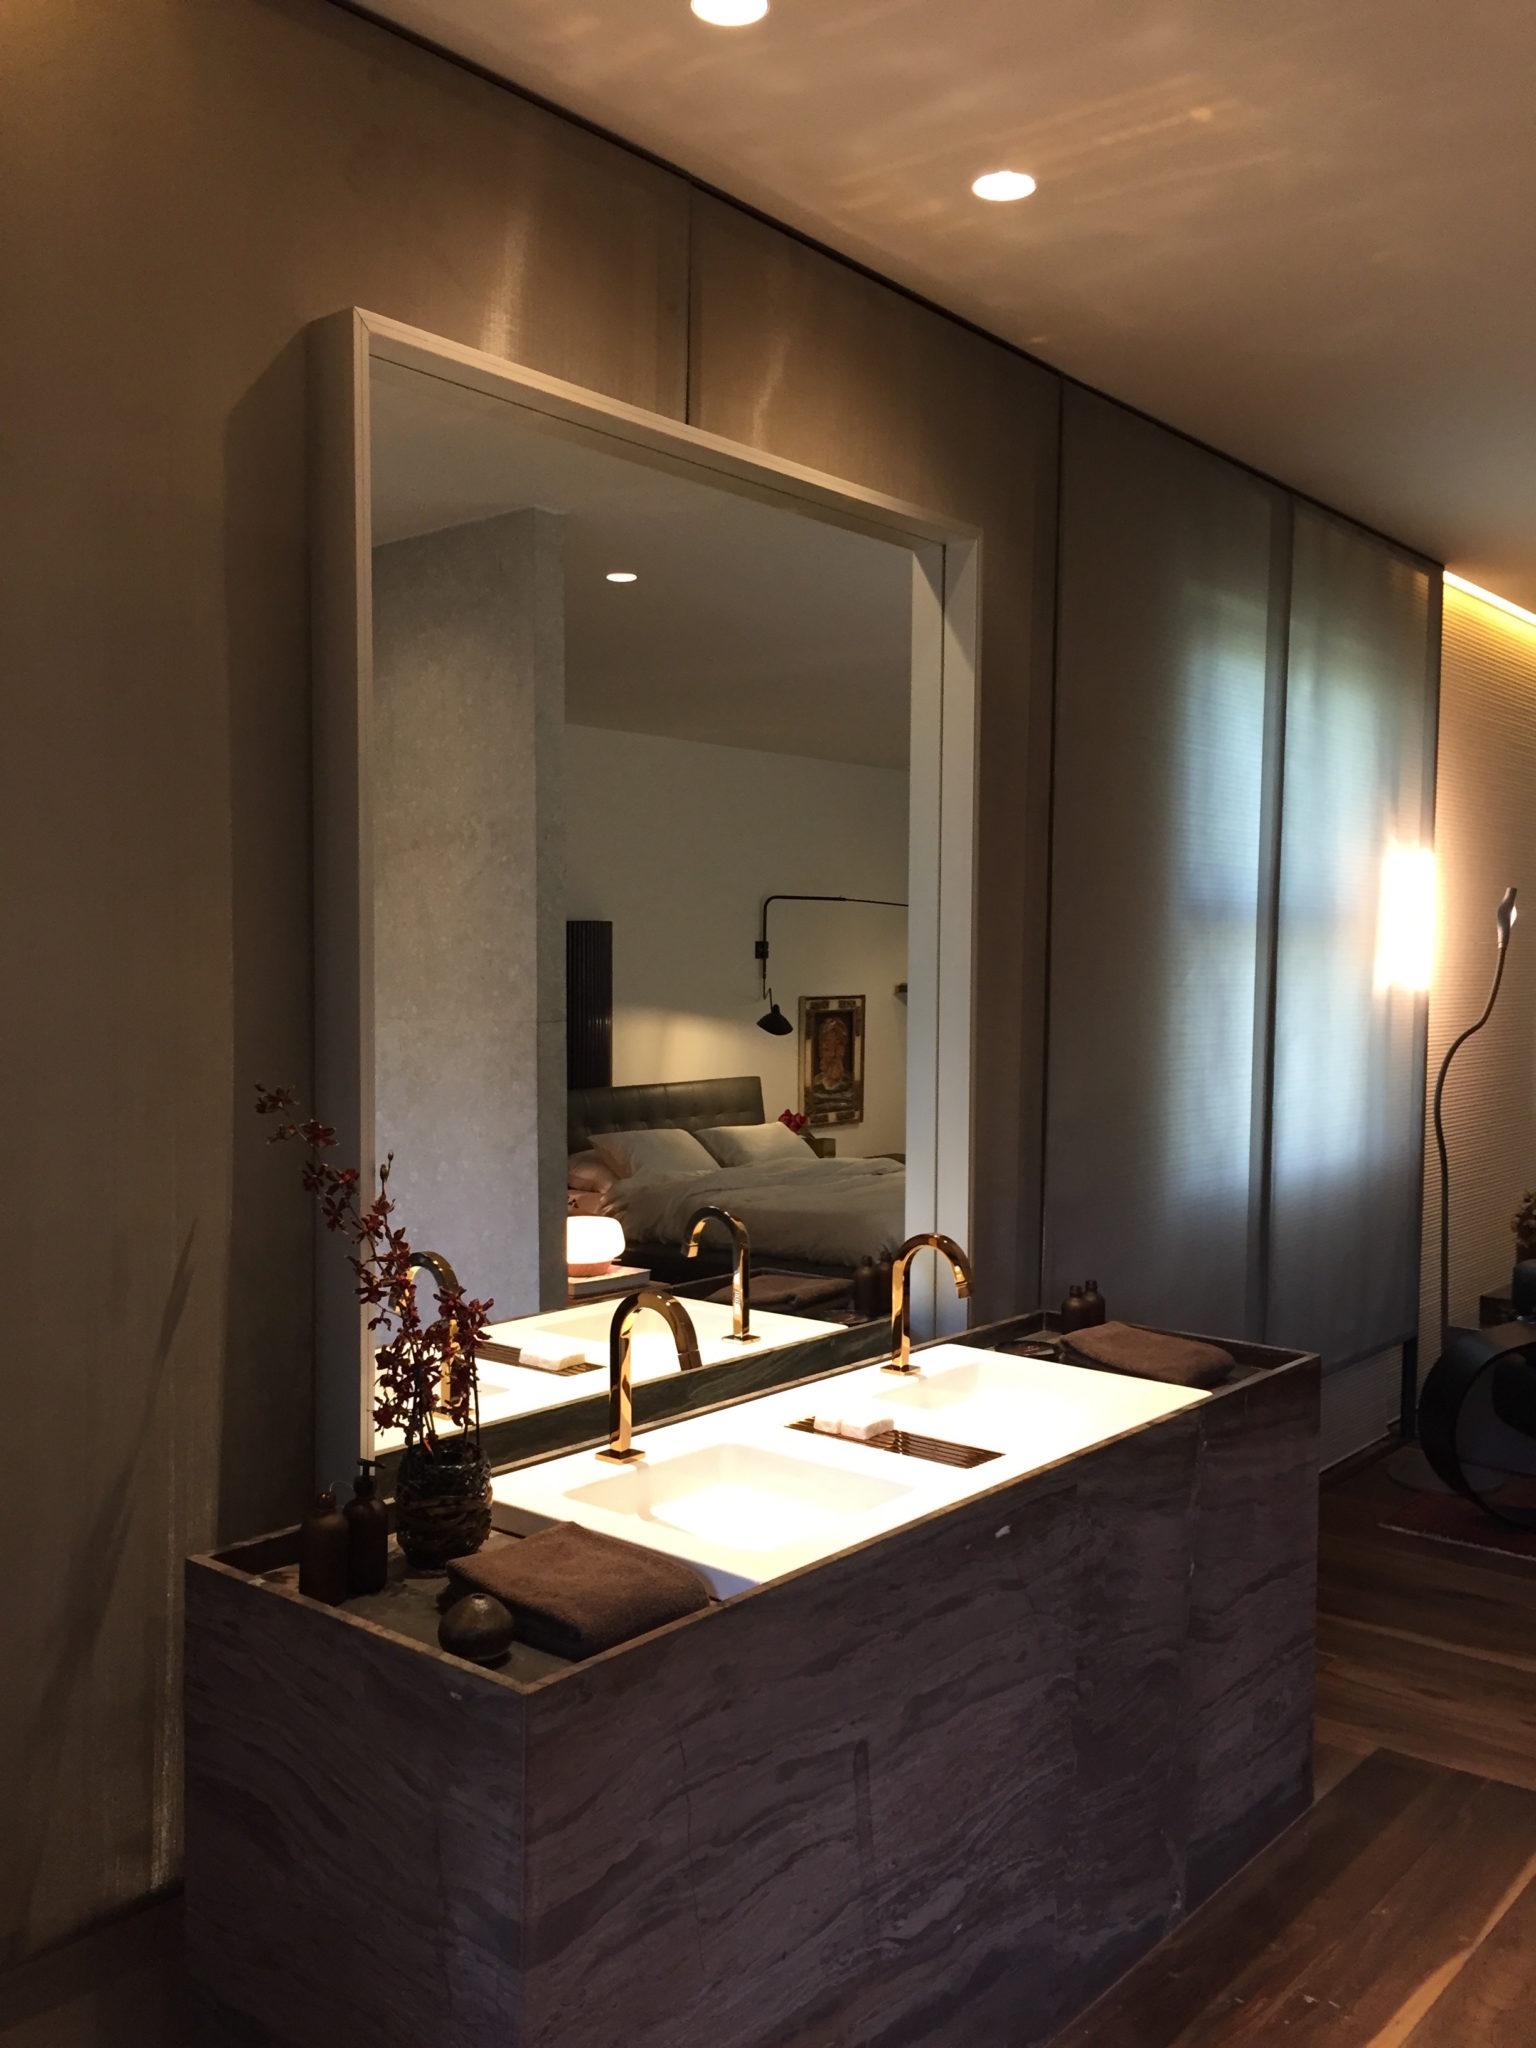 Arquivos Casa Cor All About That Glass ~ Espelho Bronze Em Quarto De Casal